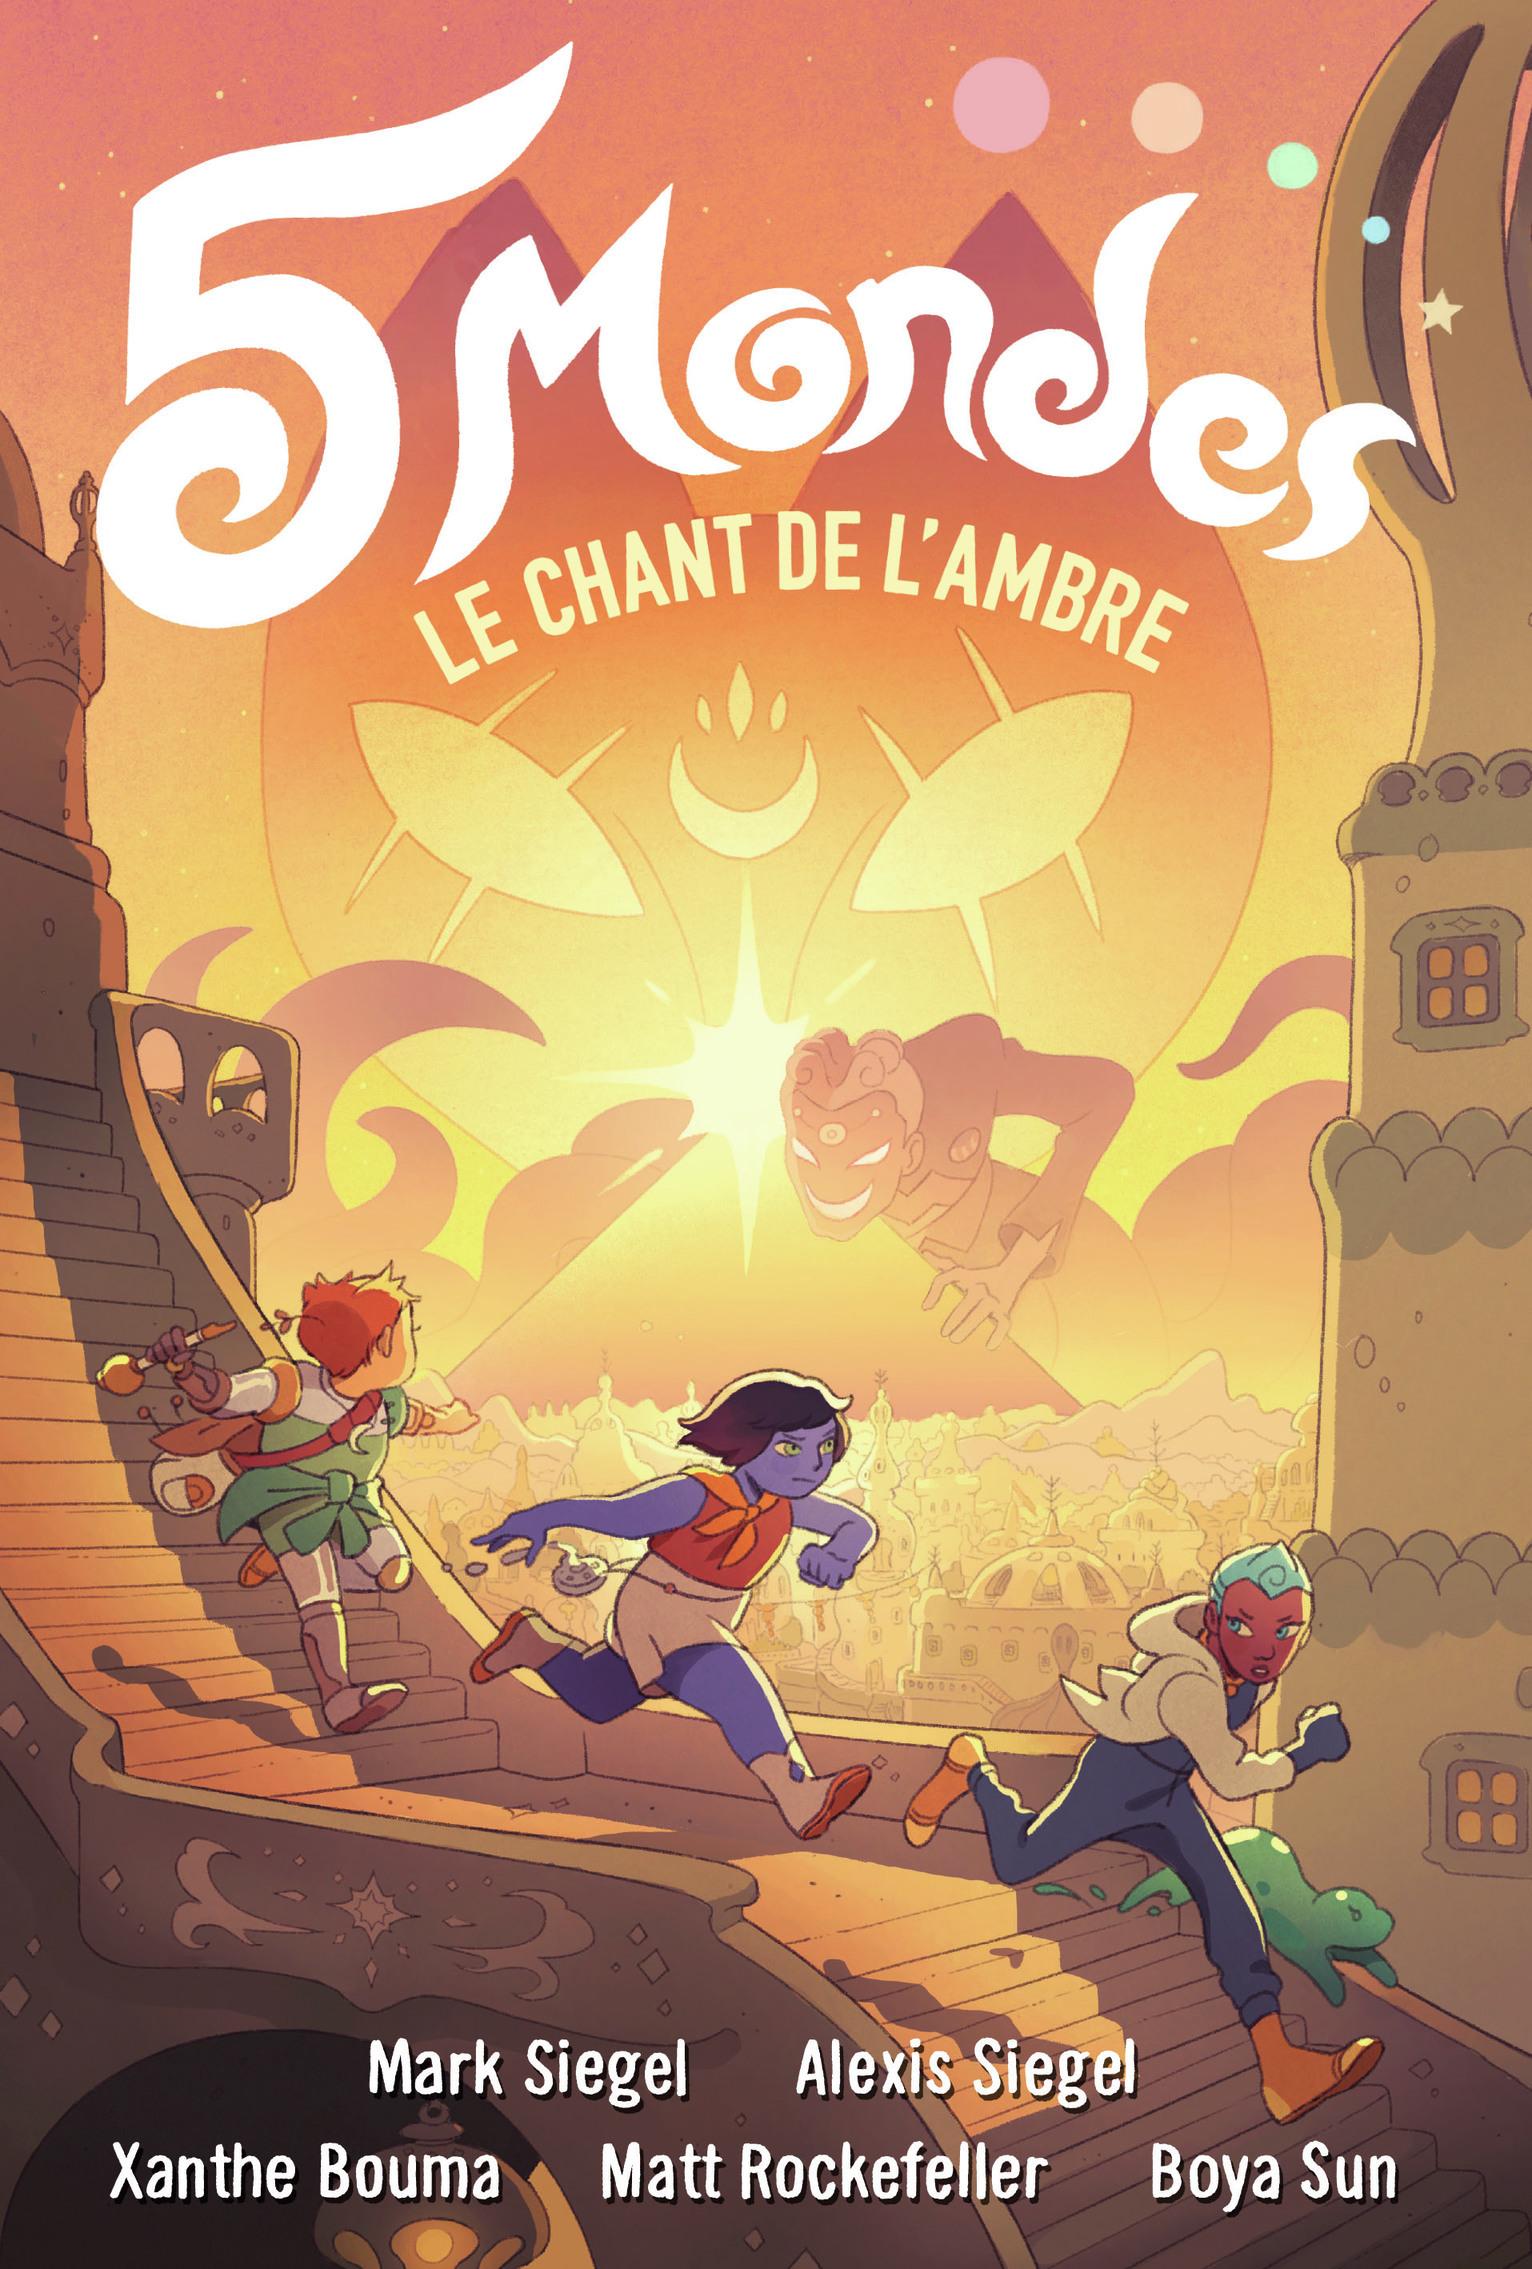 5 MONDES (TOME 4) - LE CHANT DE L'AMBRE